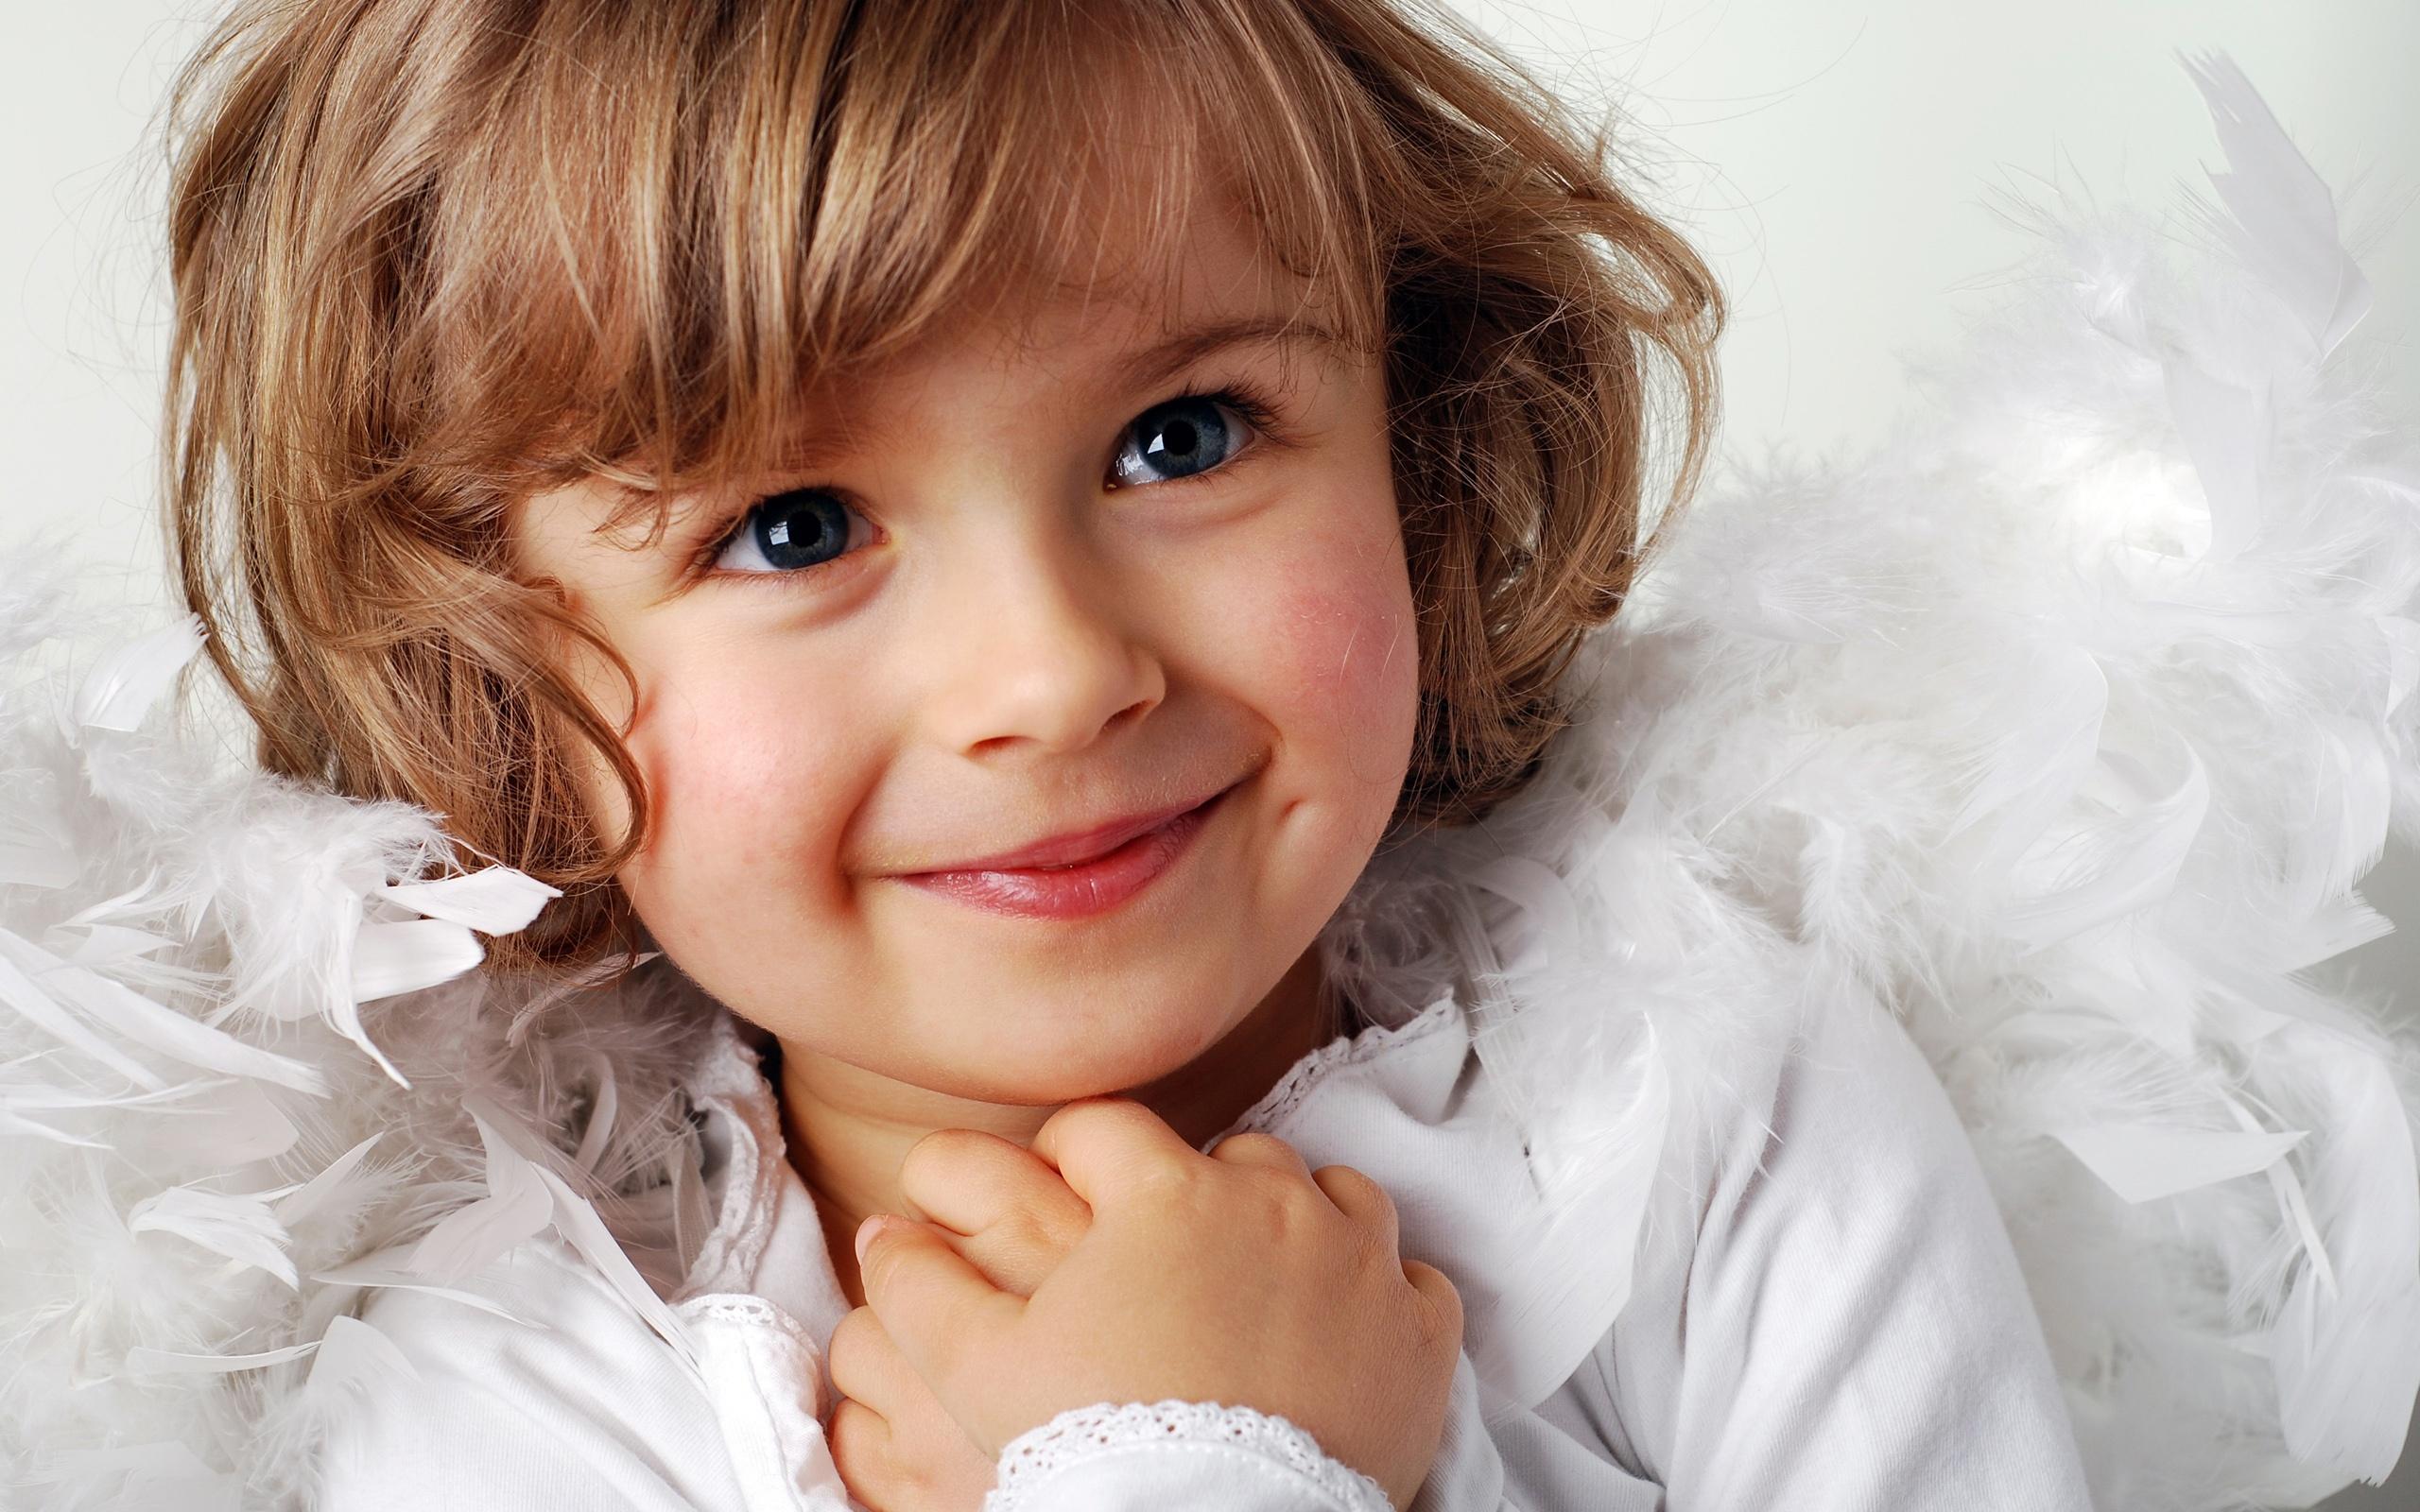 Nettes kleines mädchen ein süßes lächeln hintergrundbilder